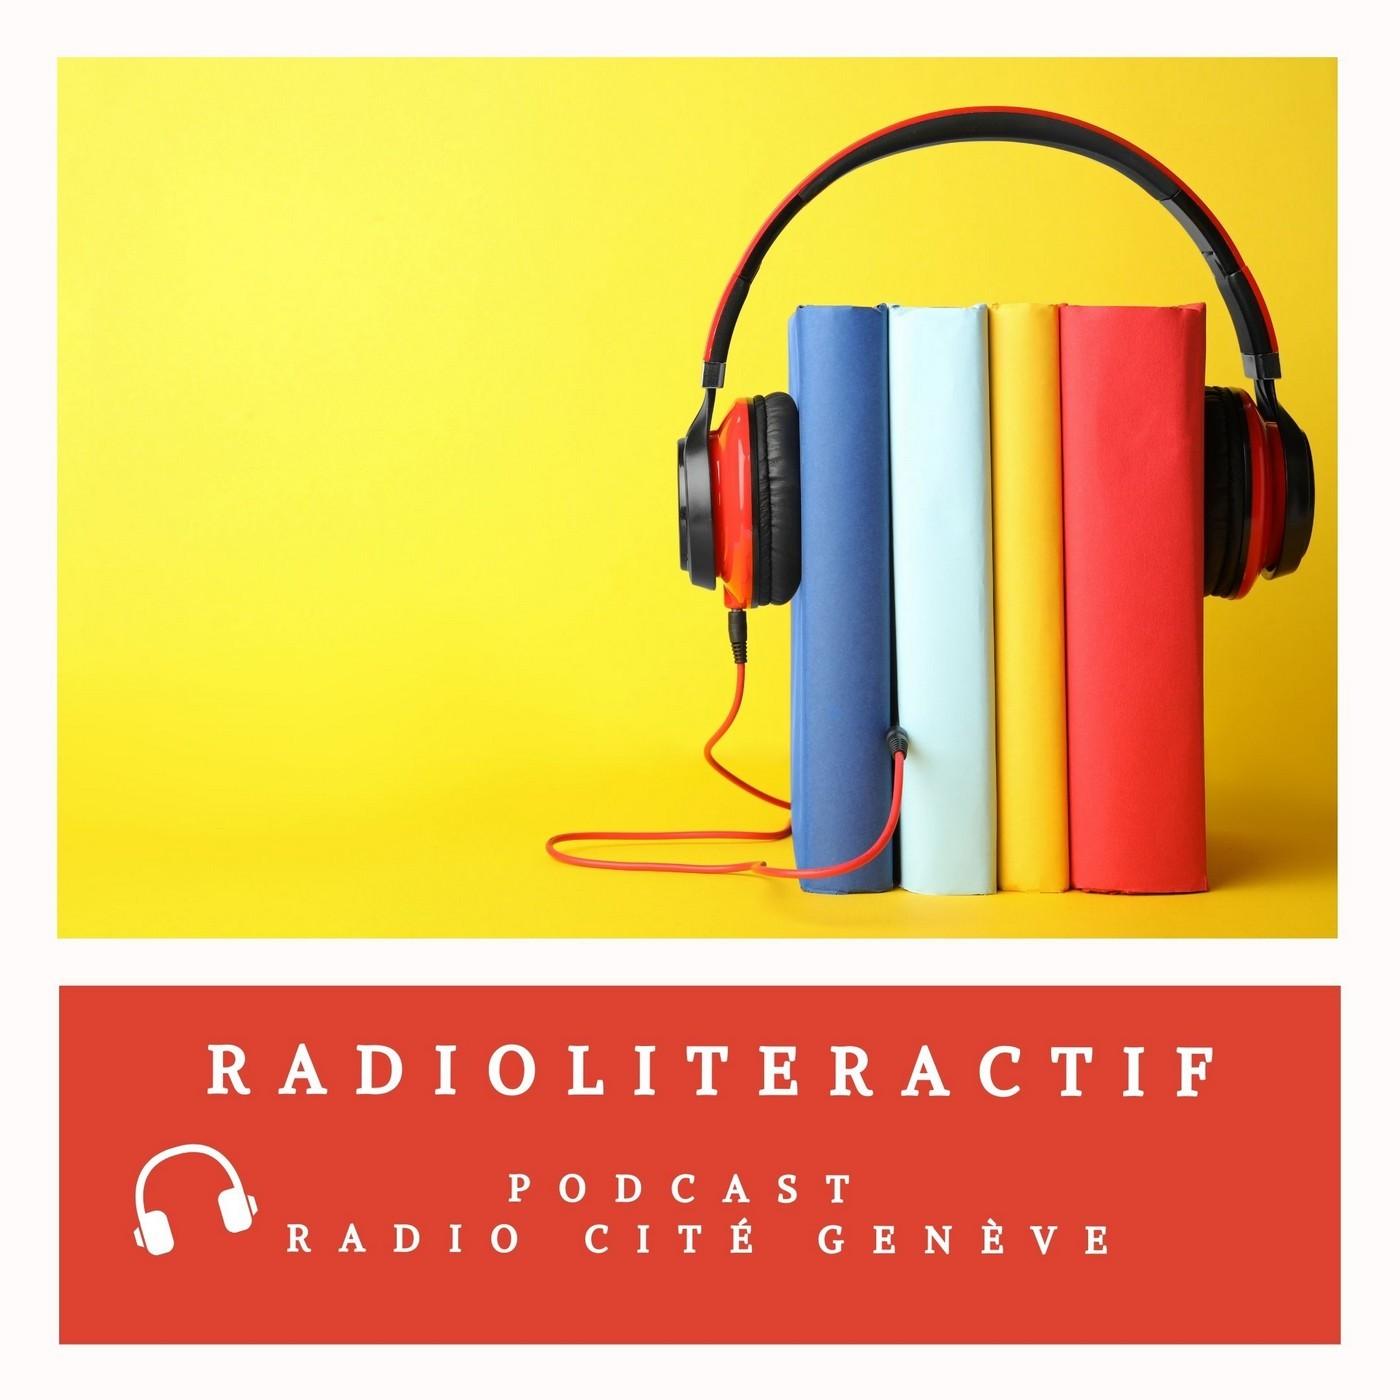 Radioliteractif du 08/03/2021 - Benjamin Décosterd